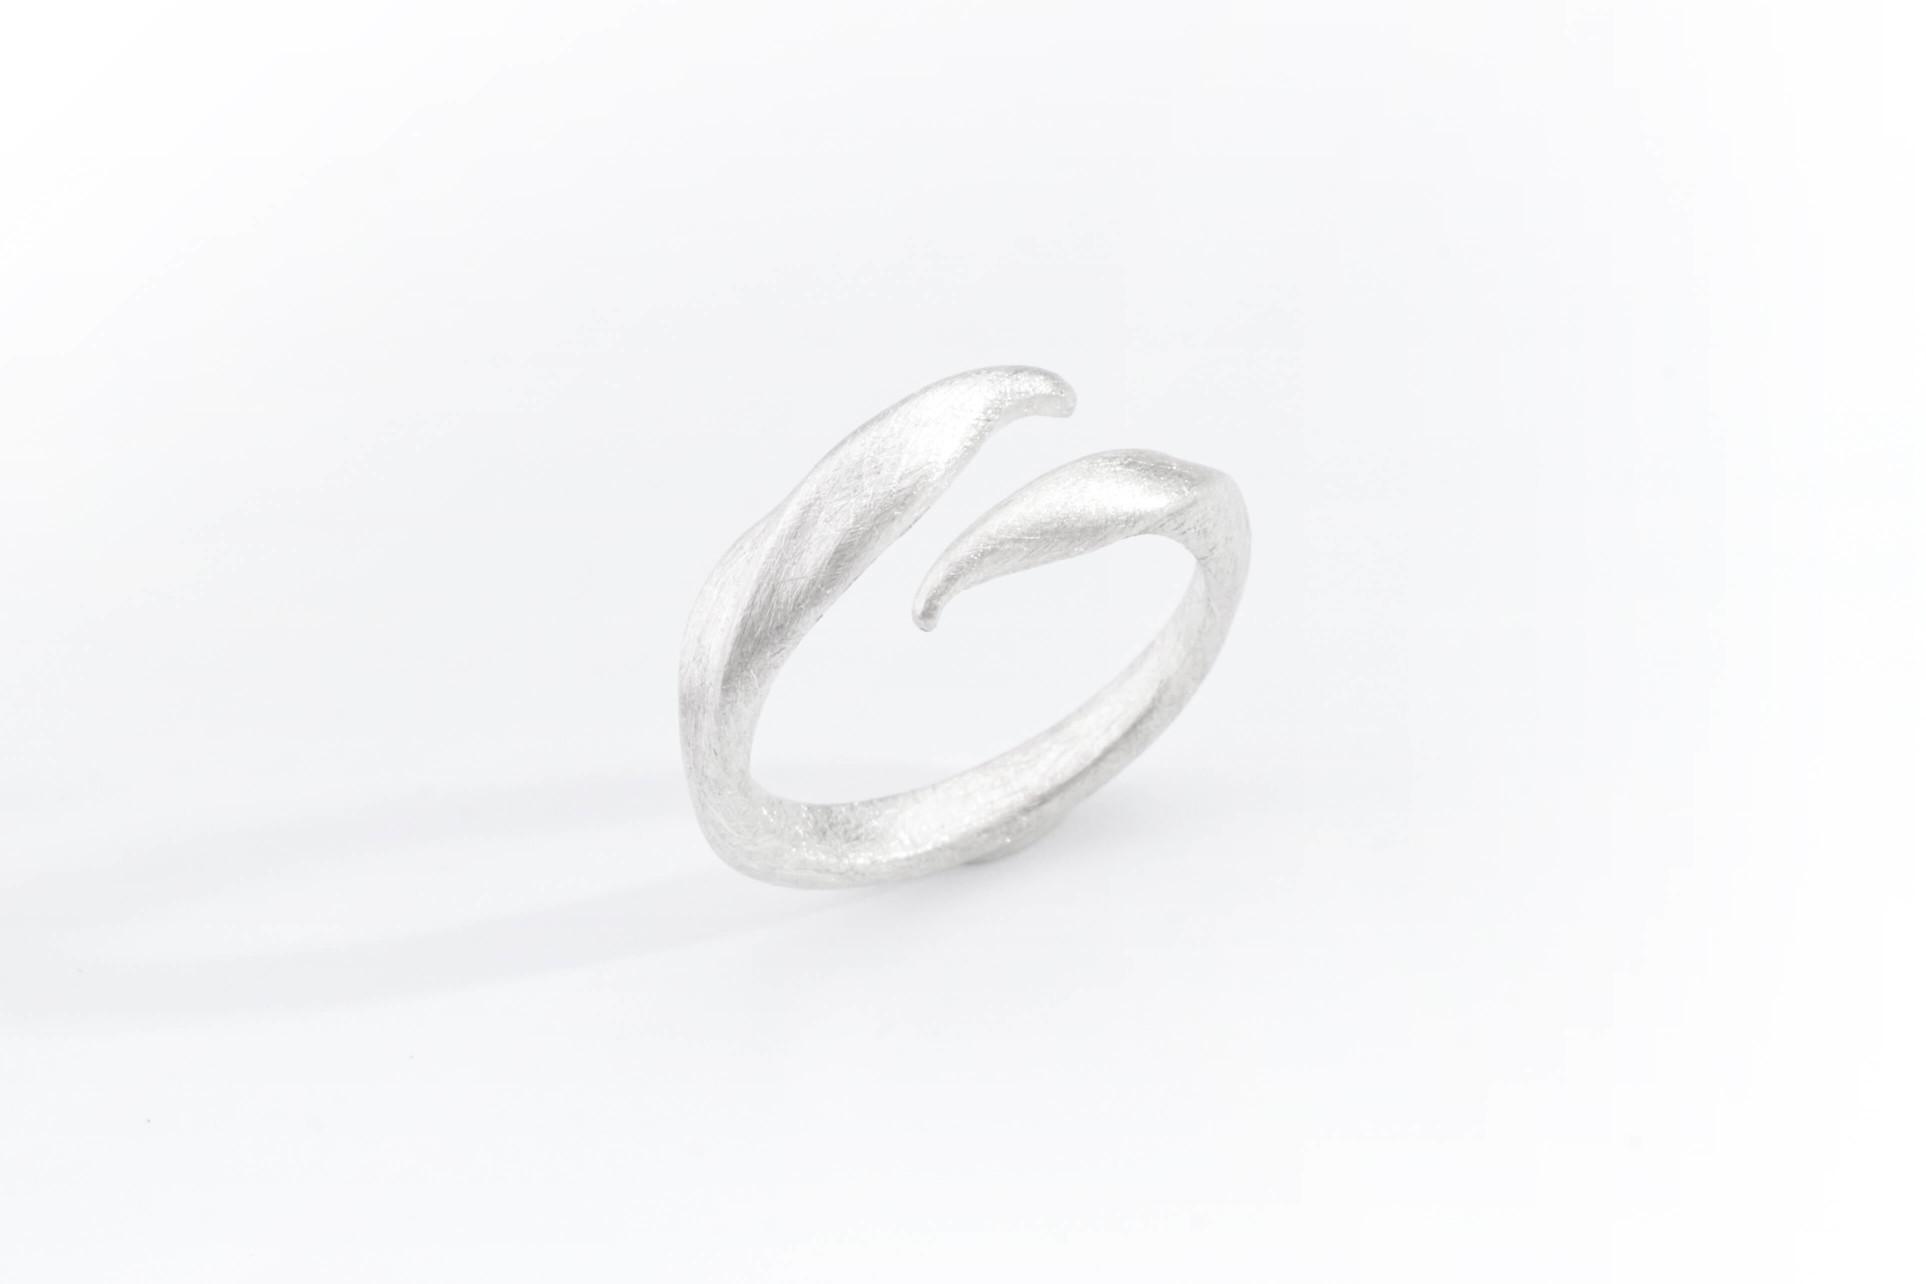 Chia Jewelry客製化婚戒|客製化對戒|訂製婚戒|訂製對戒|婚戒設計|對戒設計